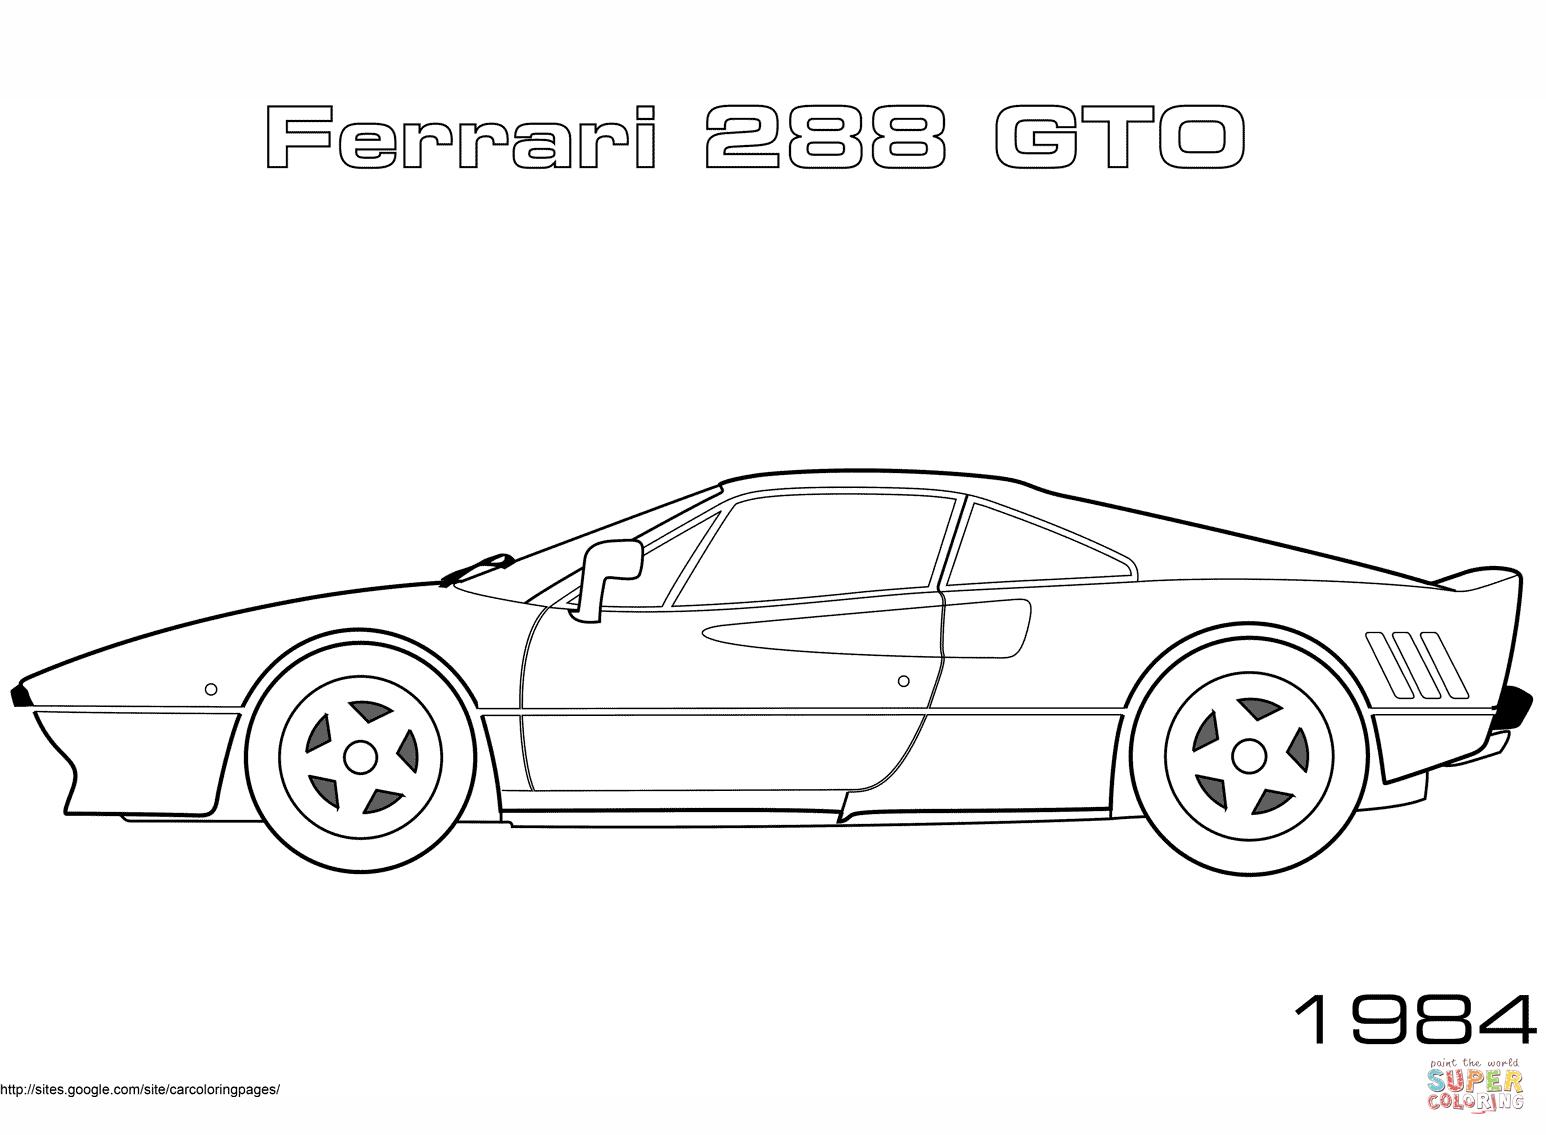 Ferarri clipart coloring page Coloring 288 Coloring Ferrari GTO